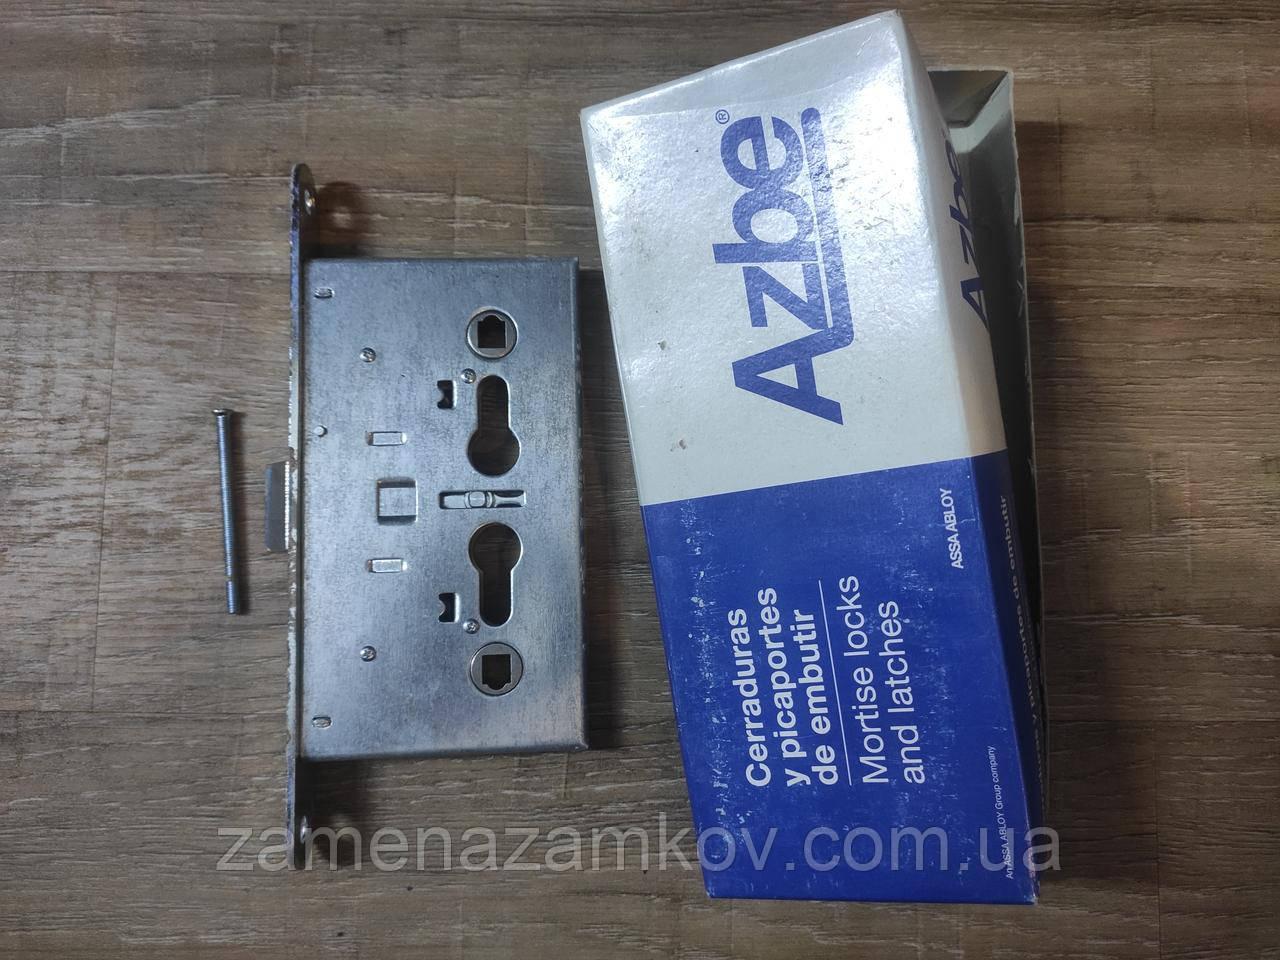 Акция! Замок дверной Azbe S Mg Mod 485-72 для дверей металлических, противопожарных, деревянных